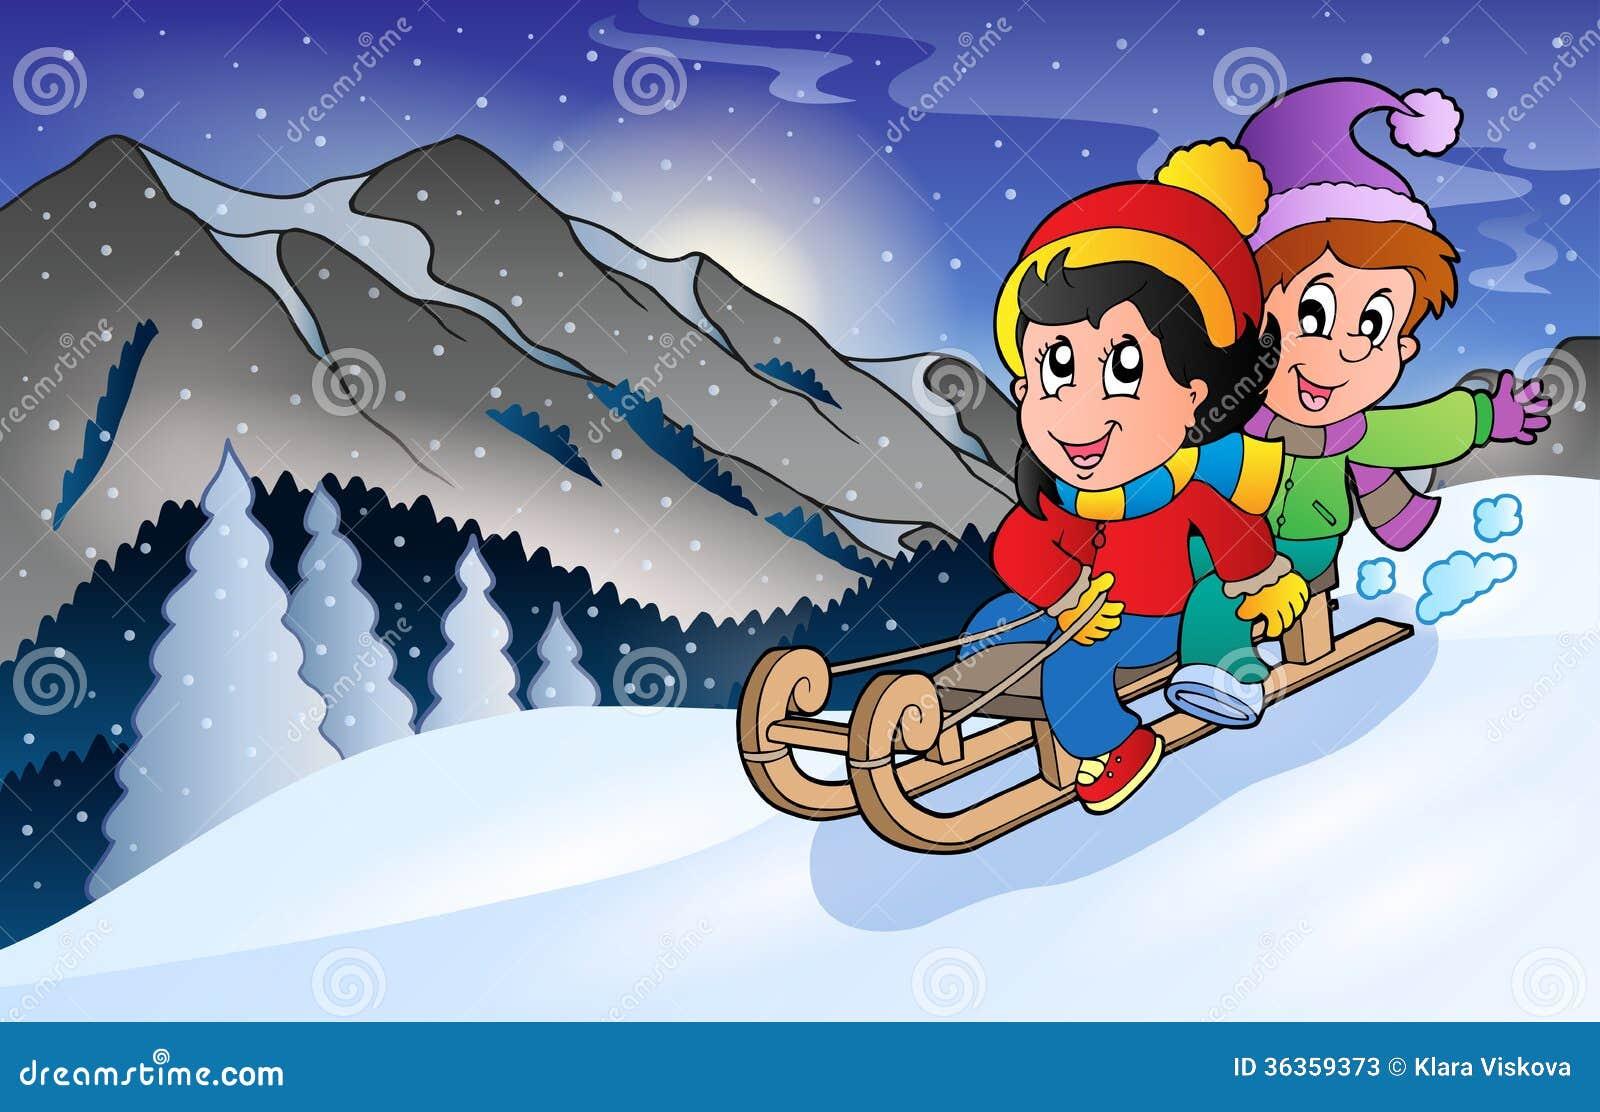 children on sledge in winter stock vector